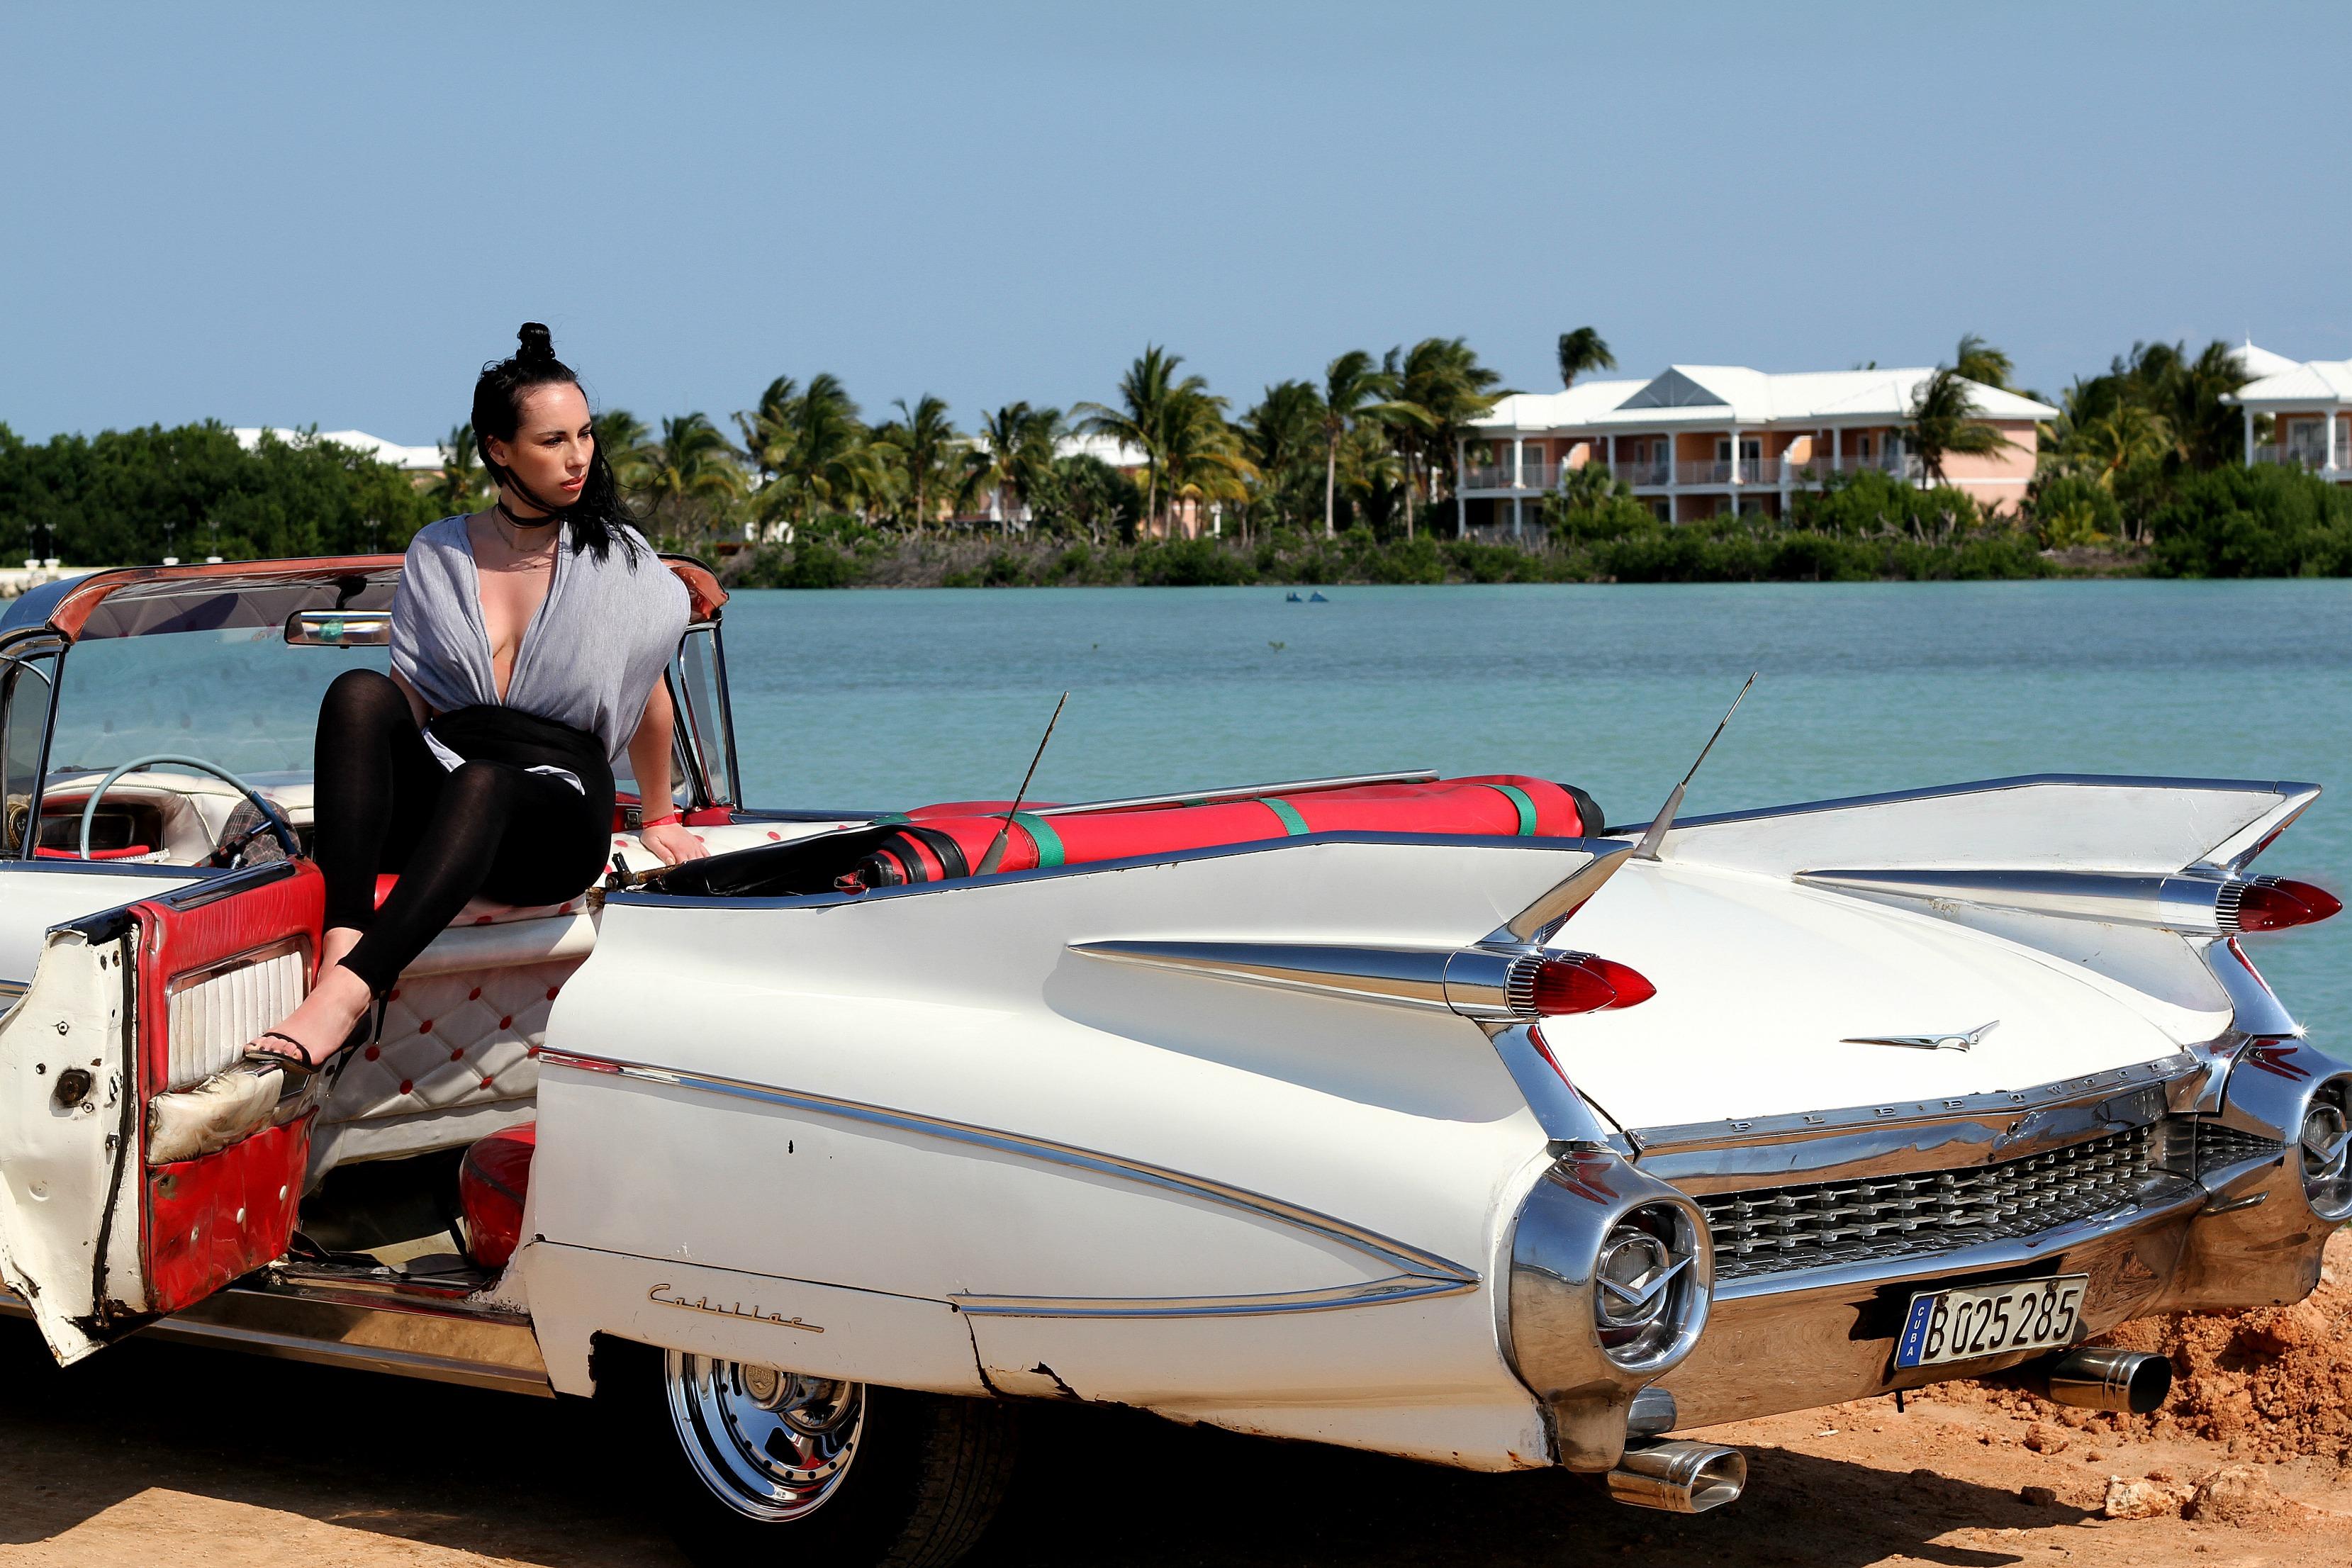 Visual Diary – Cuba '16